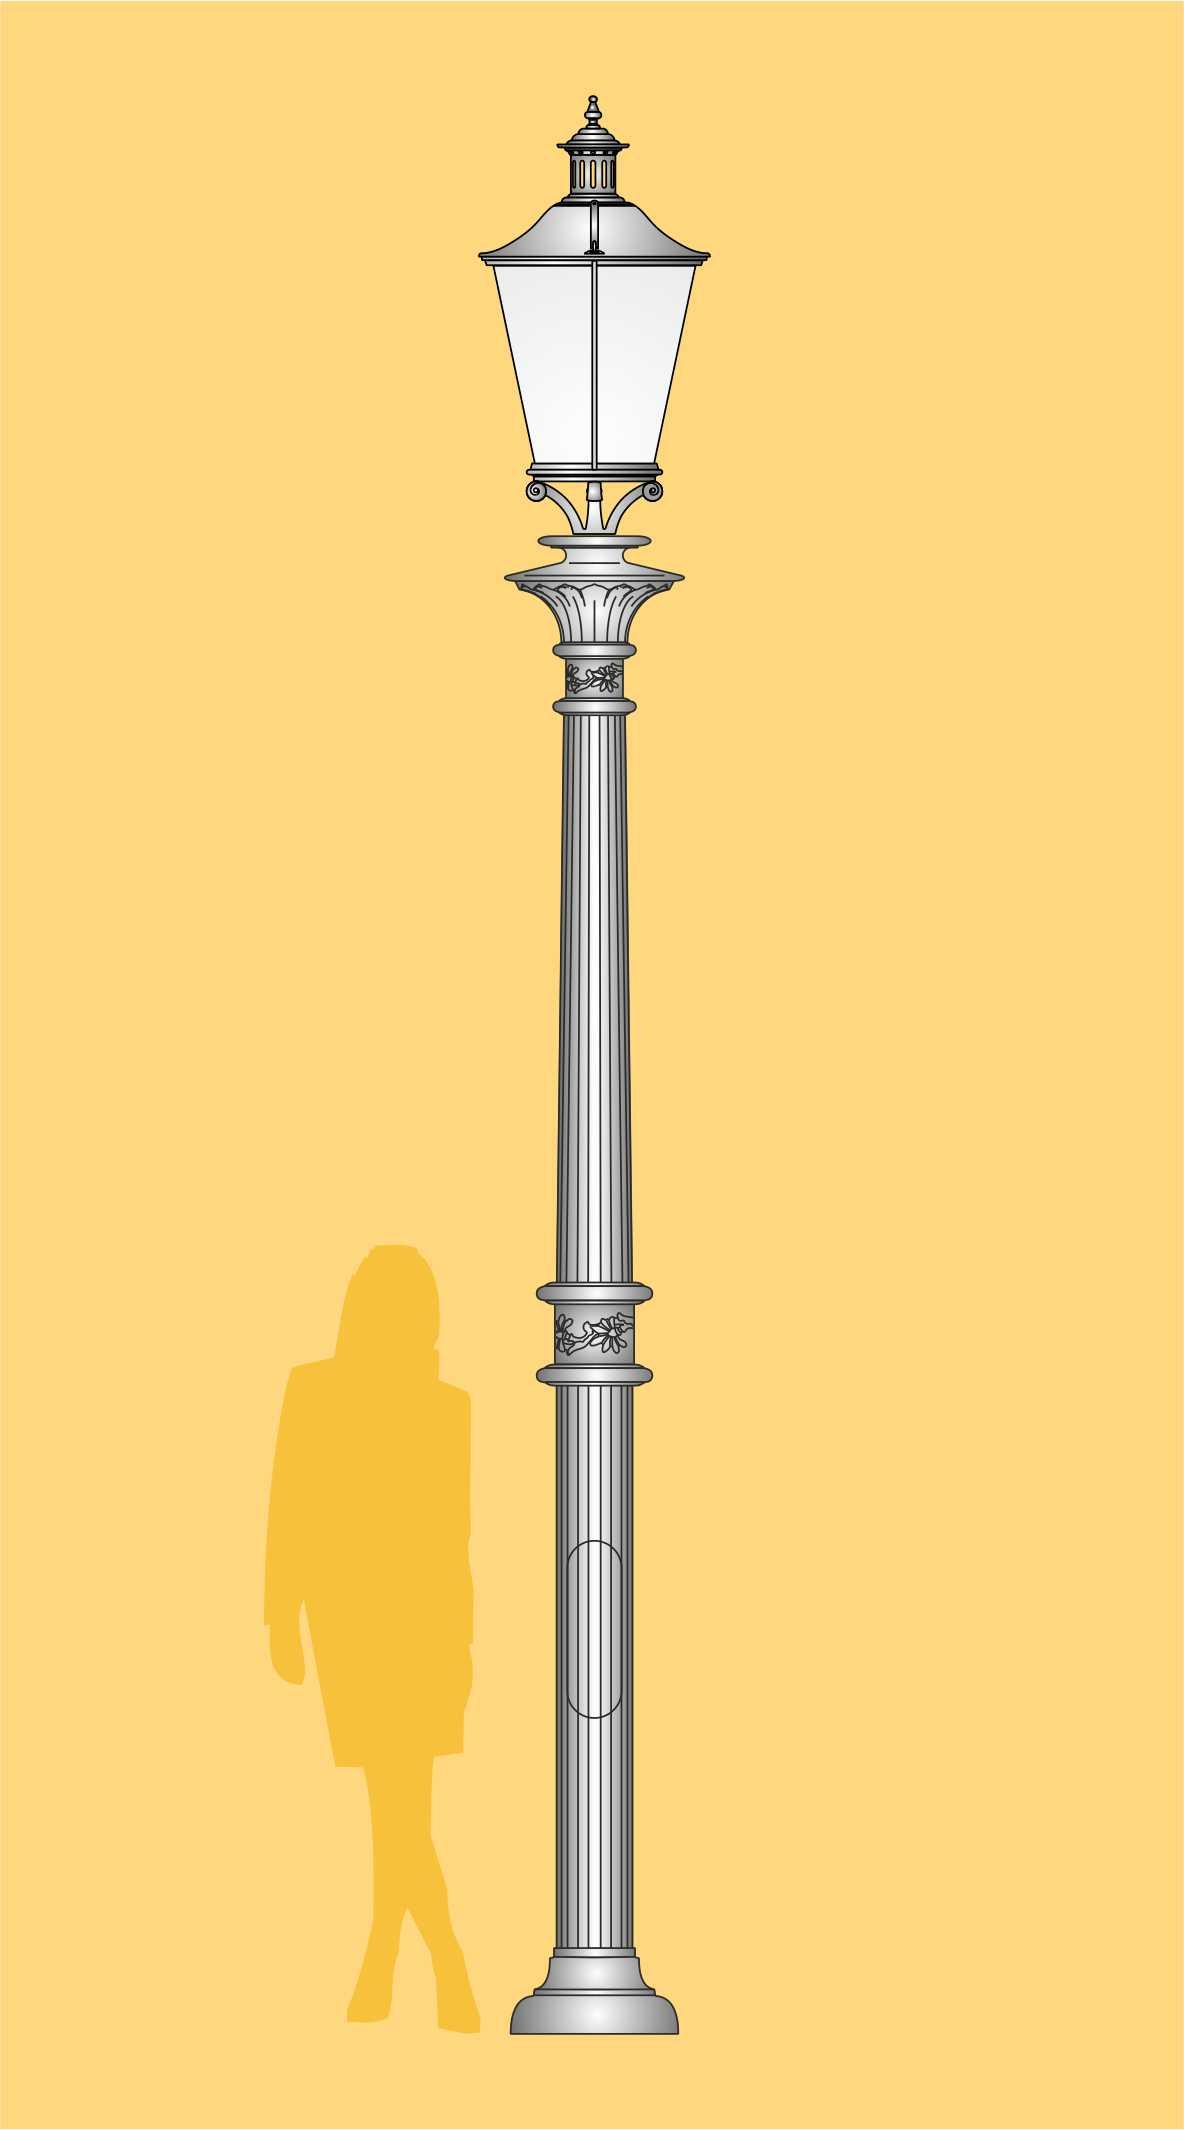 latarnia ogrodowa, oprawa LED, ekskluzywna latarnia, latarnia pałacowa, oświetlenie ogrodowe